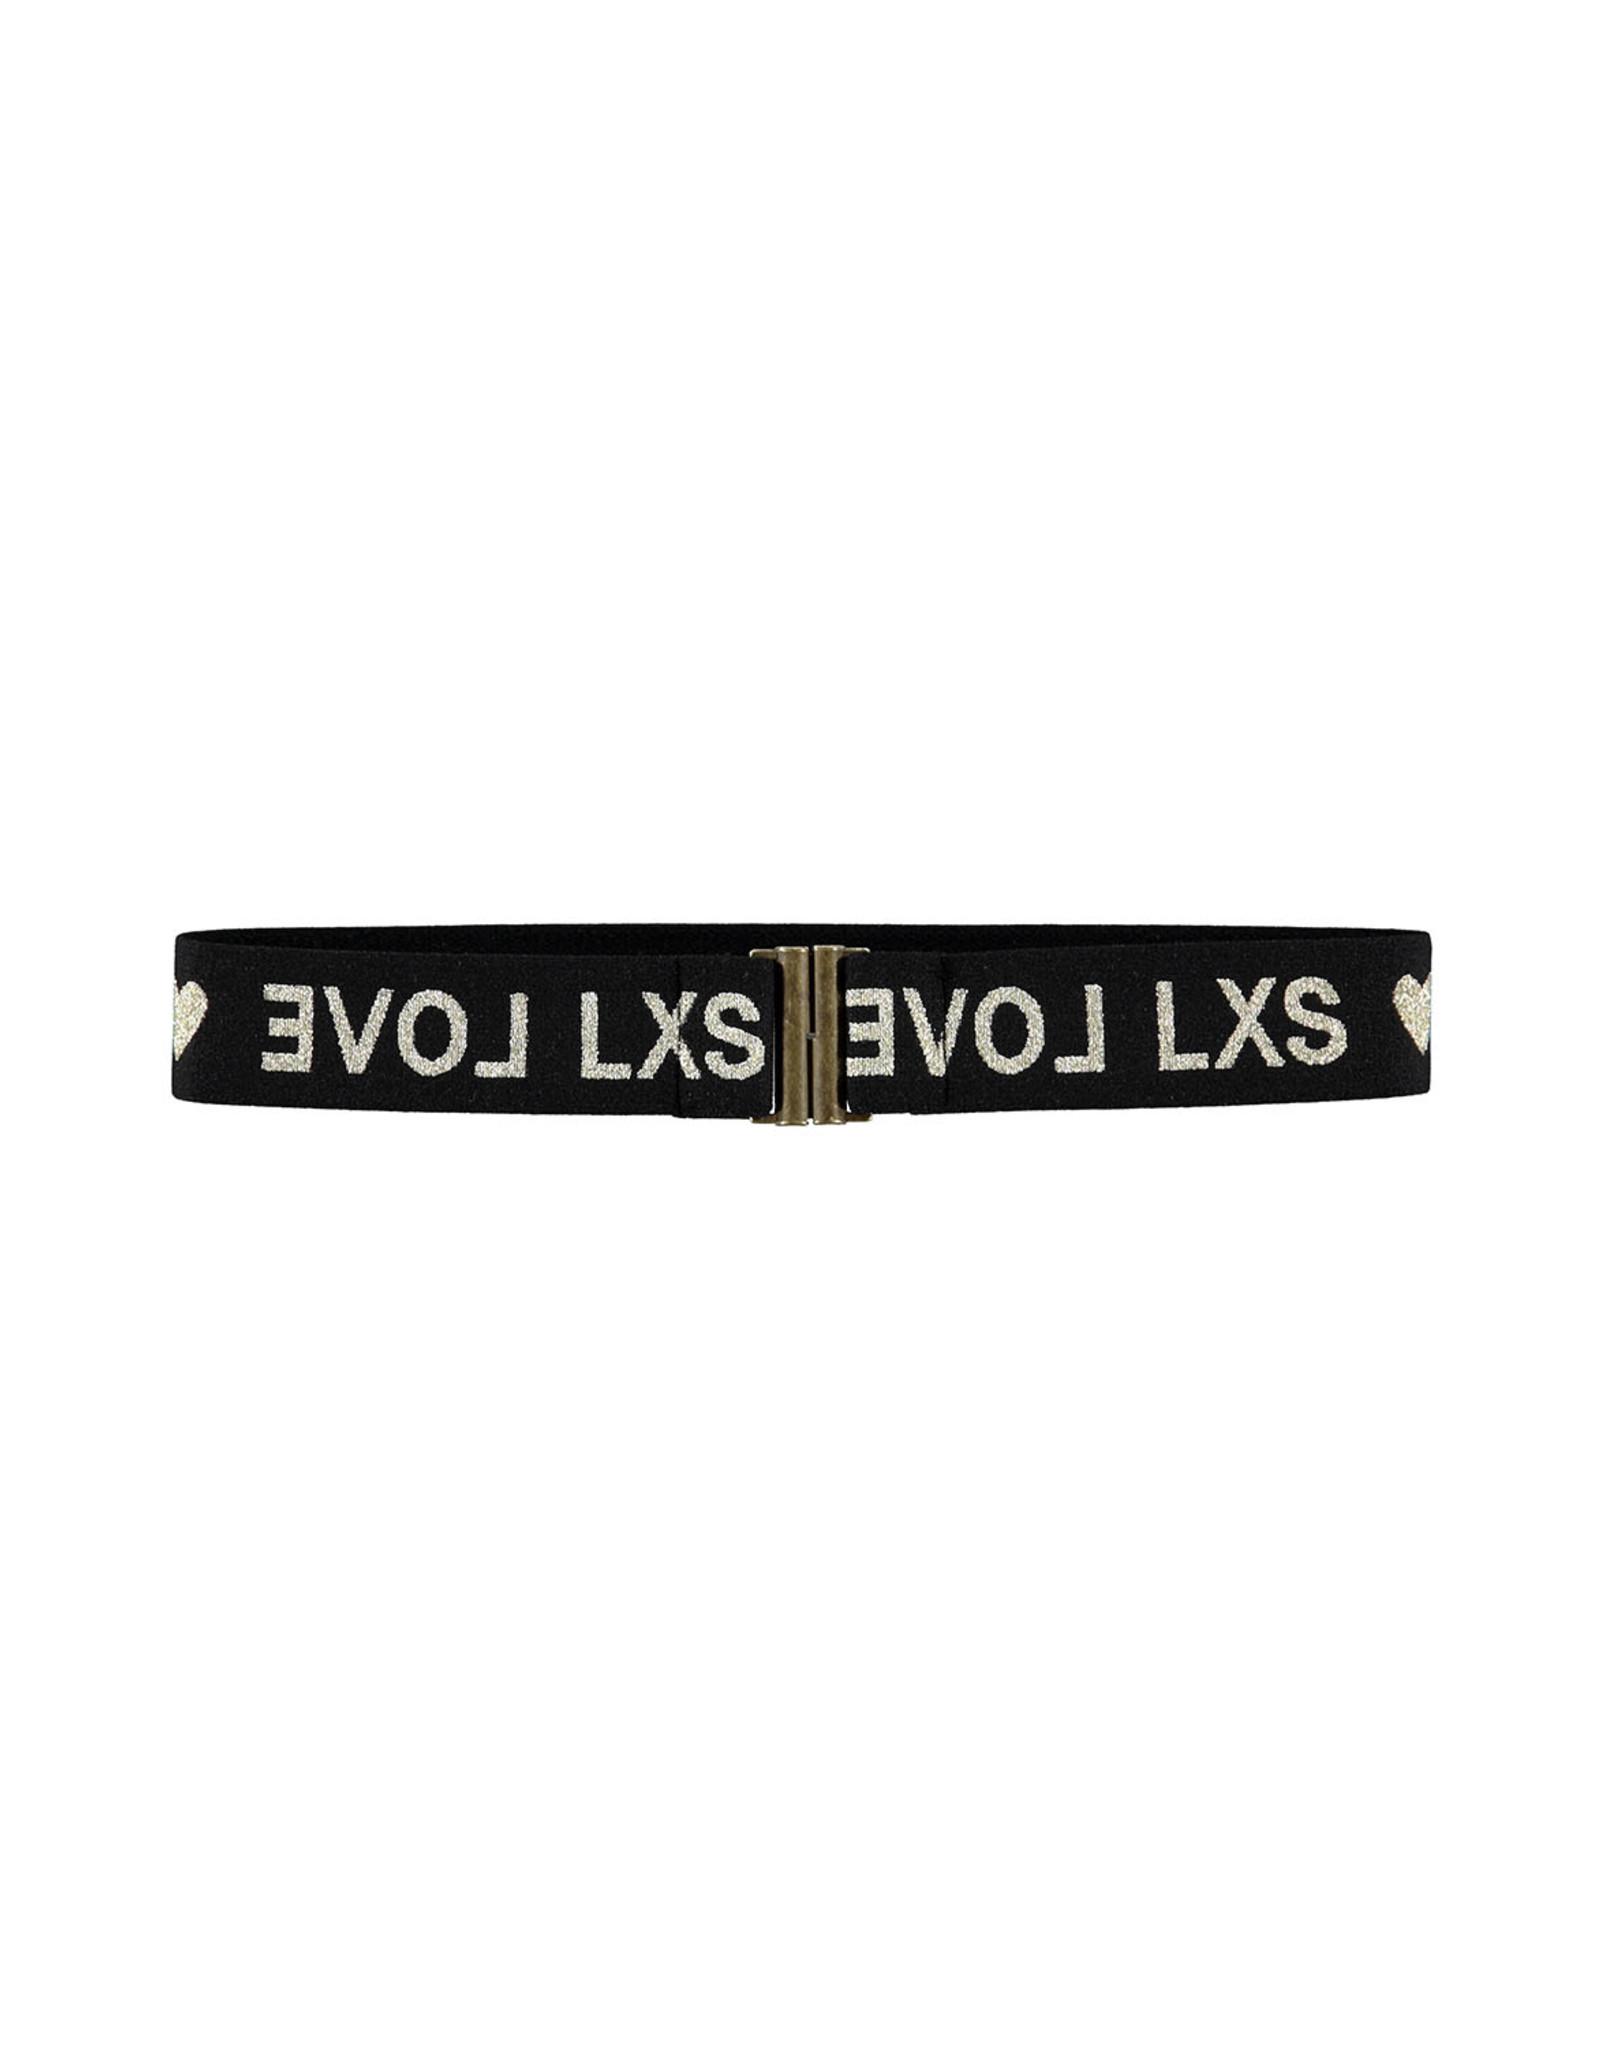 Looxs 10SIXTEEN 10Sixteen elastic belt